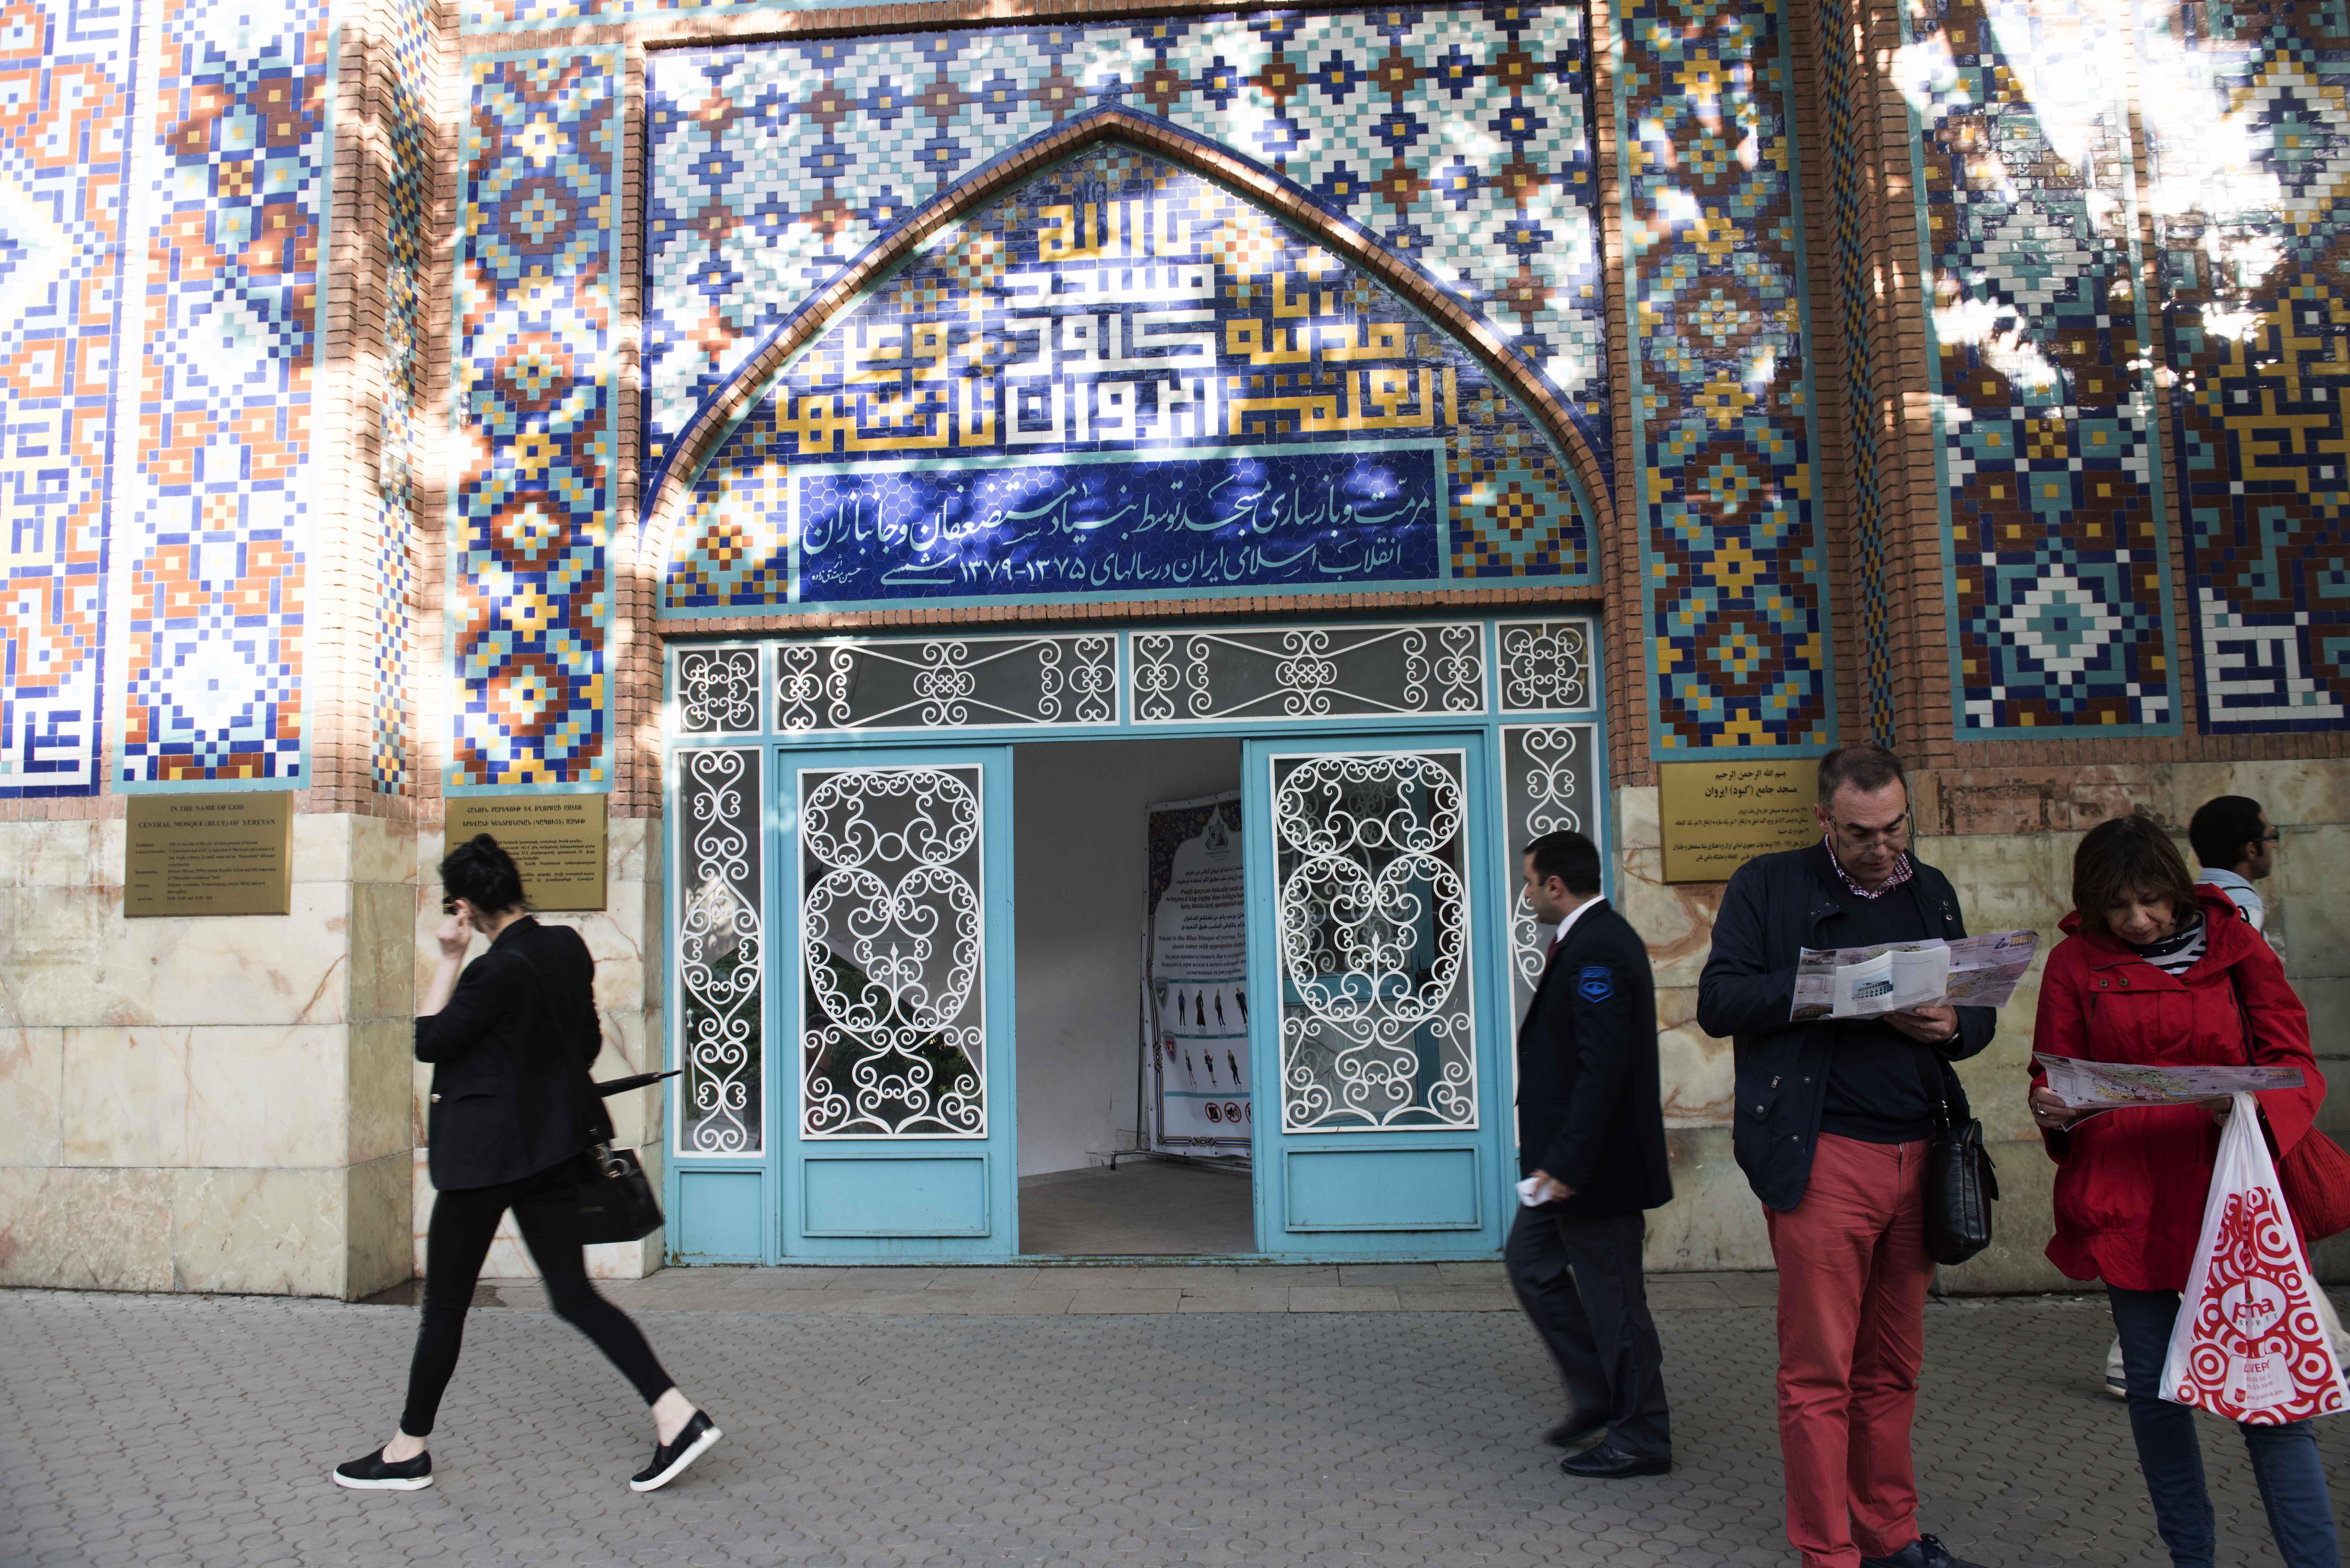 Pintu masuk Blue Mosque of Yerevan yang berdiri di tepi jalan Mashtots Avenue, Yerevan. Foto oleh Hermanus Prihatna/Antara